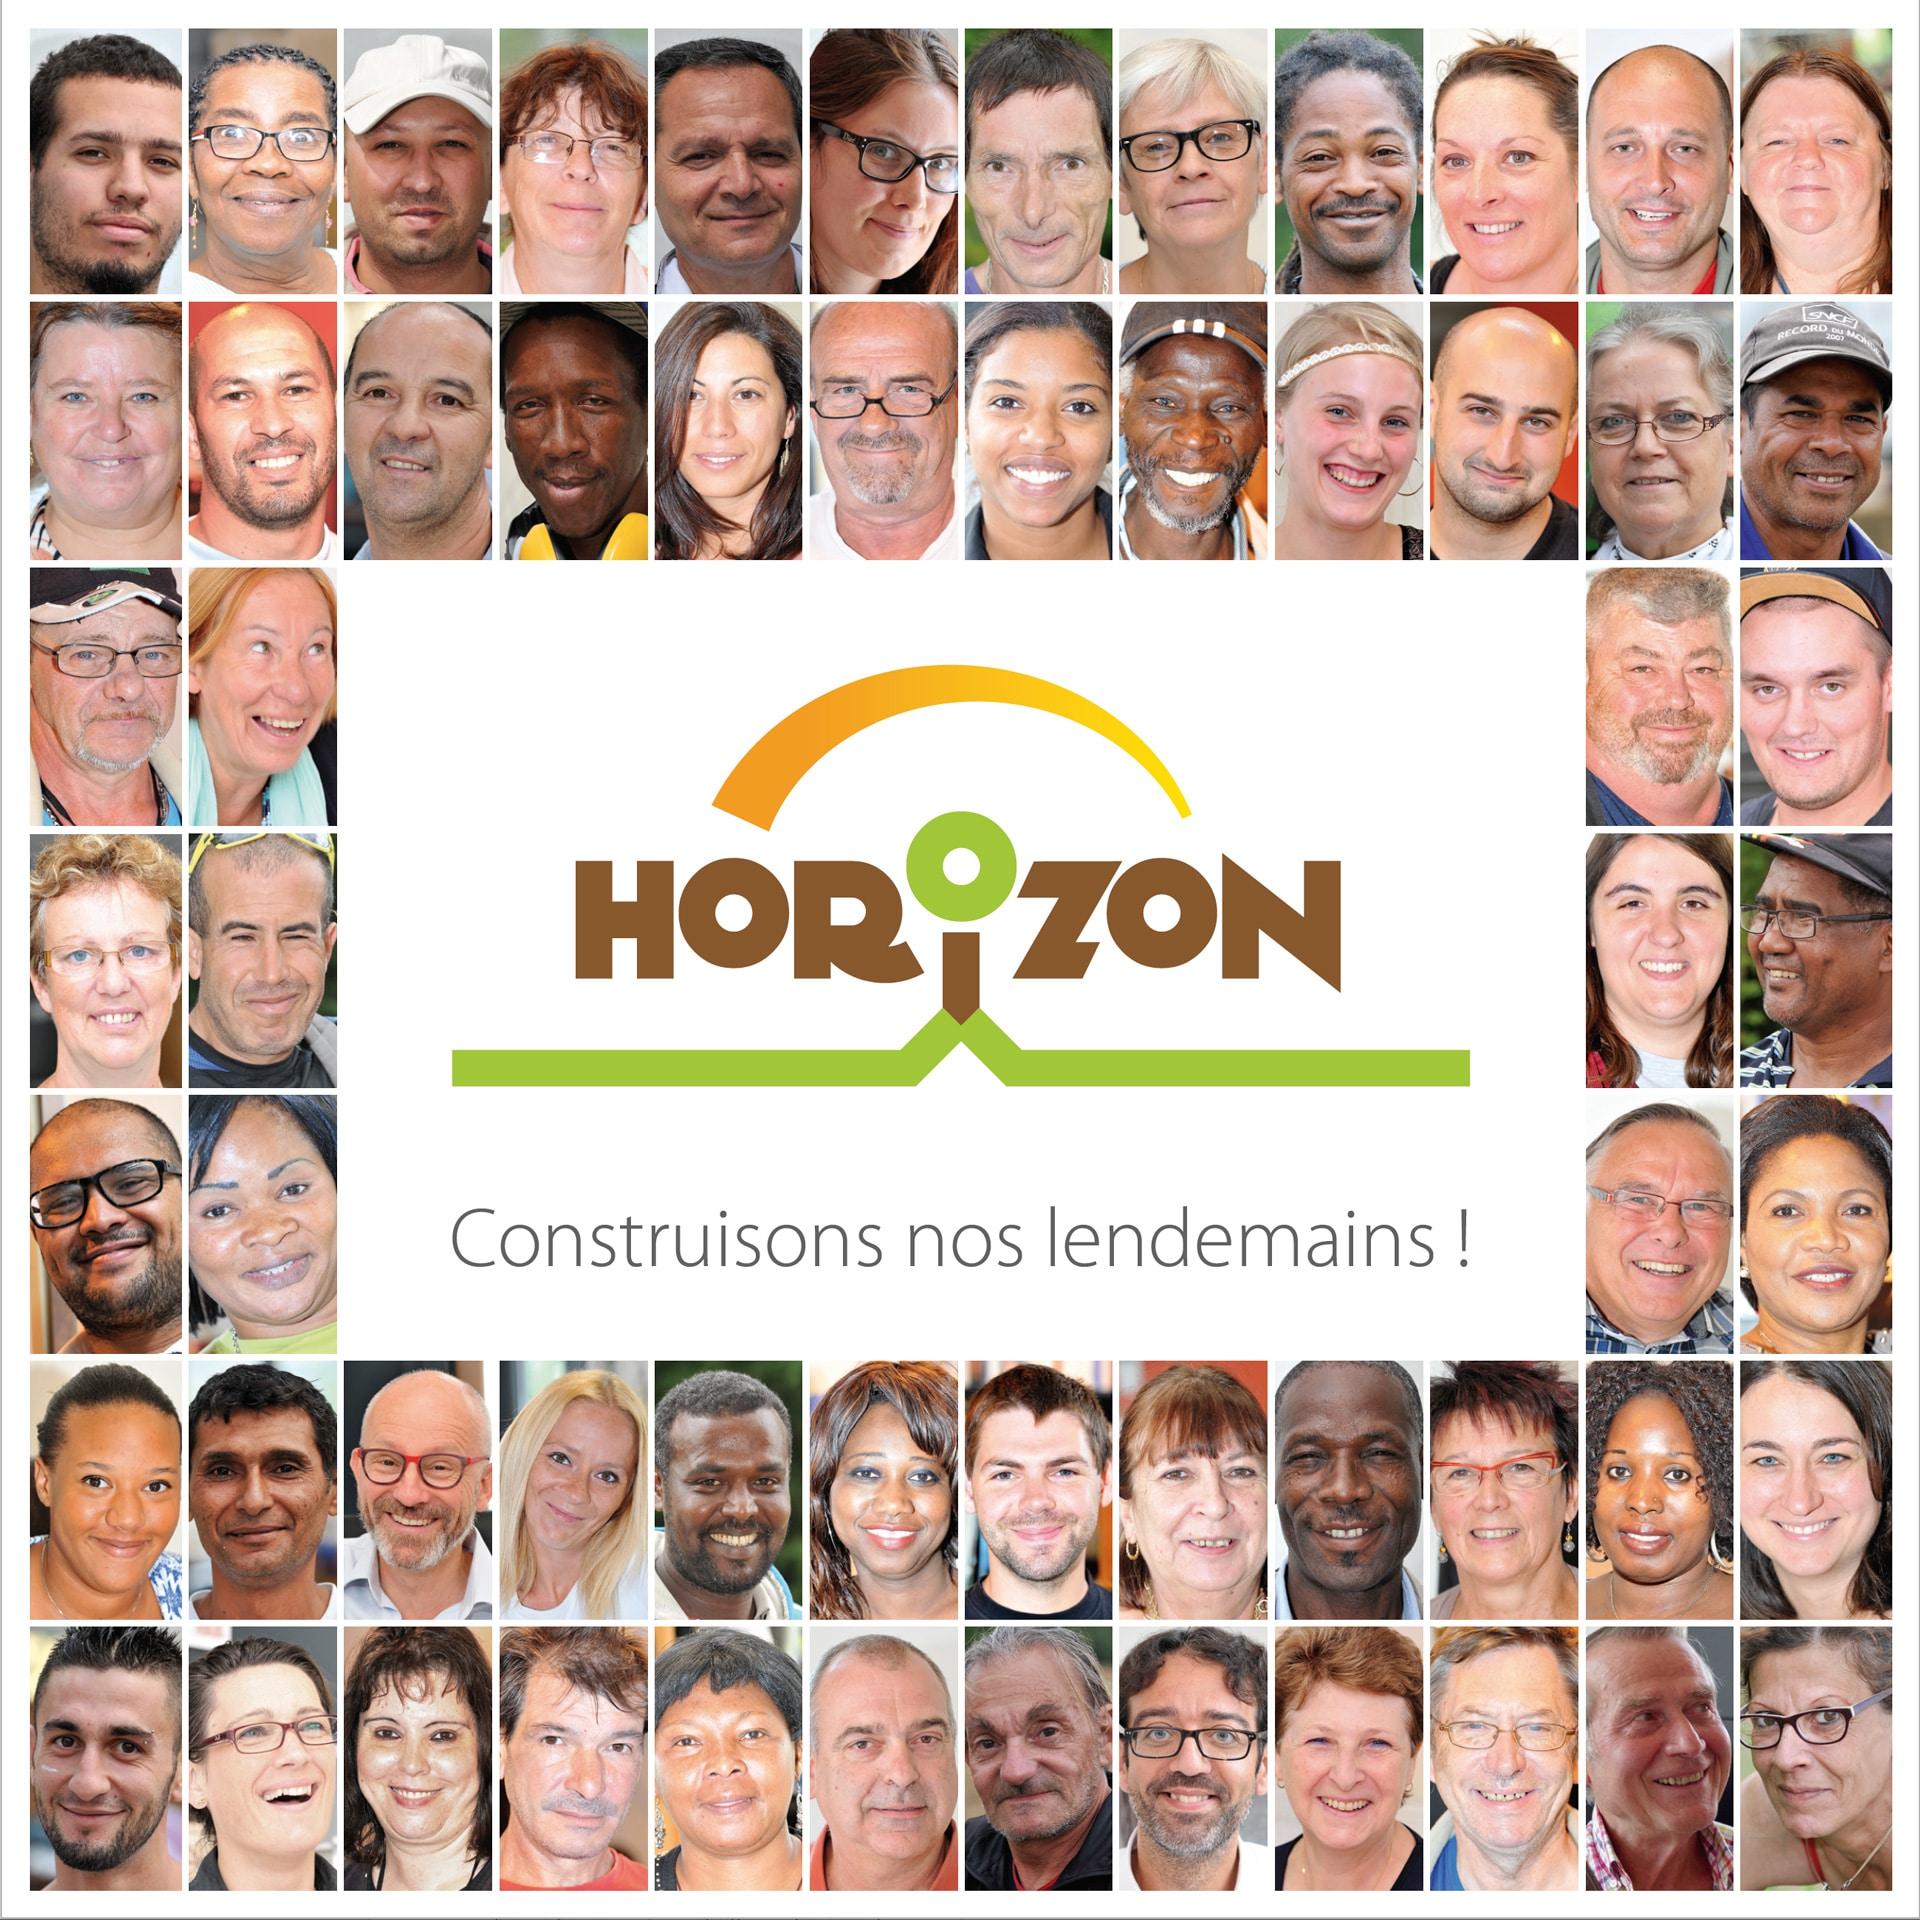 Couverture de la plaquette de présentation de l'association Horizon de Meaux